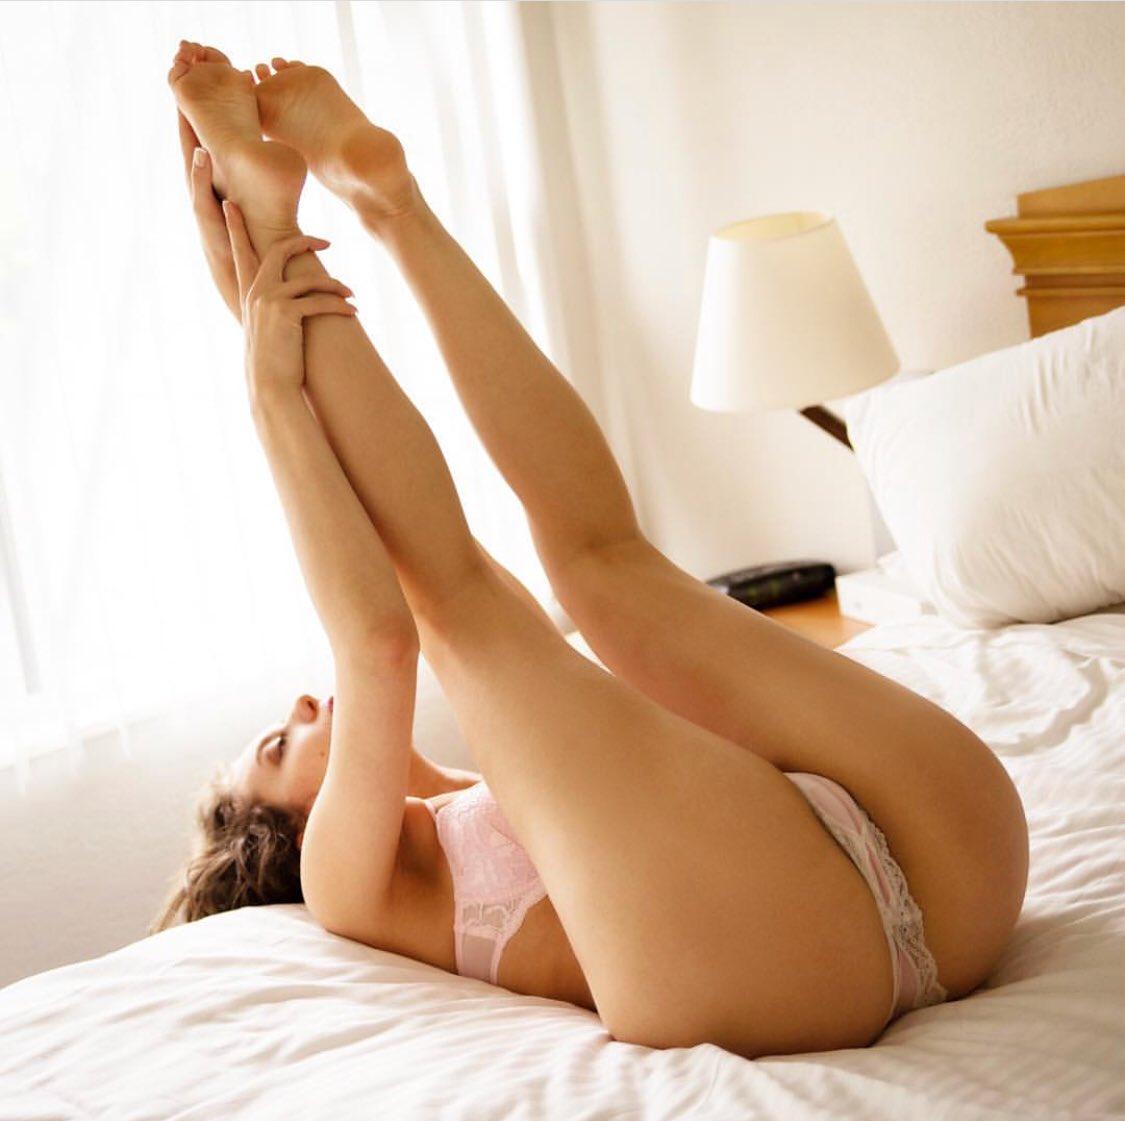 Onaartist Nude Sarah White Onagram Leaked 0093